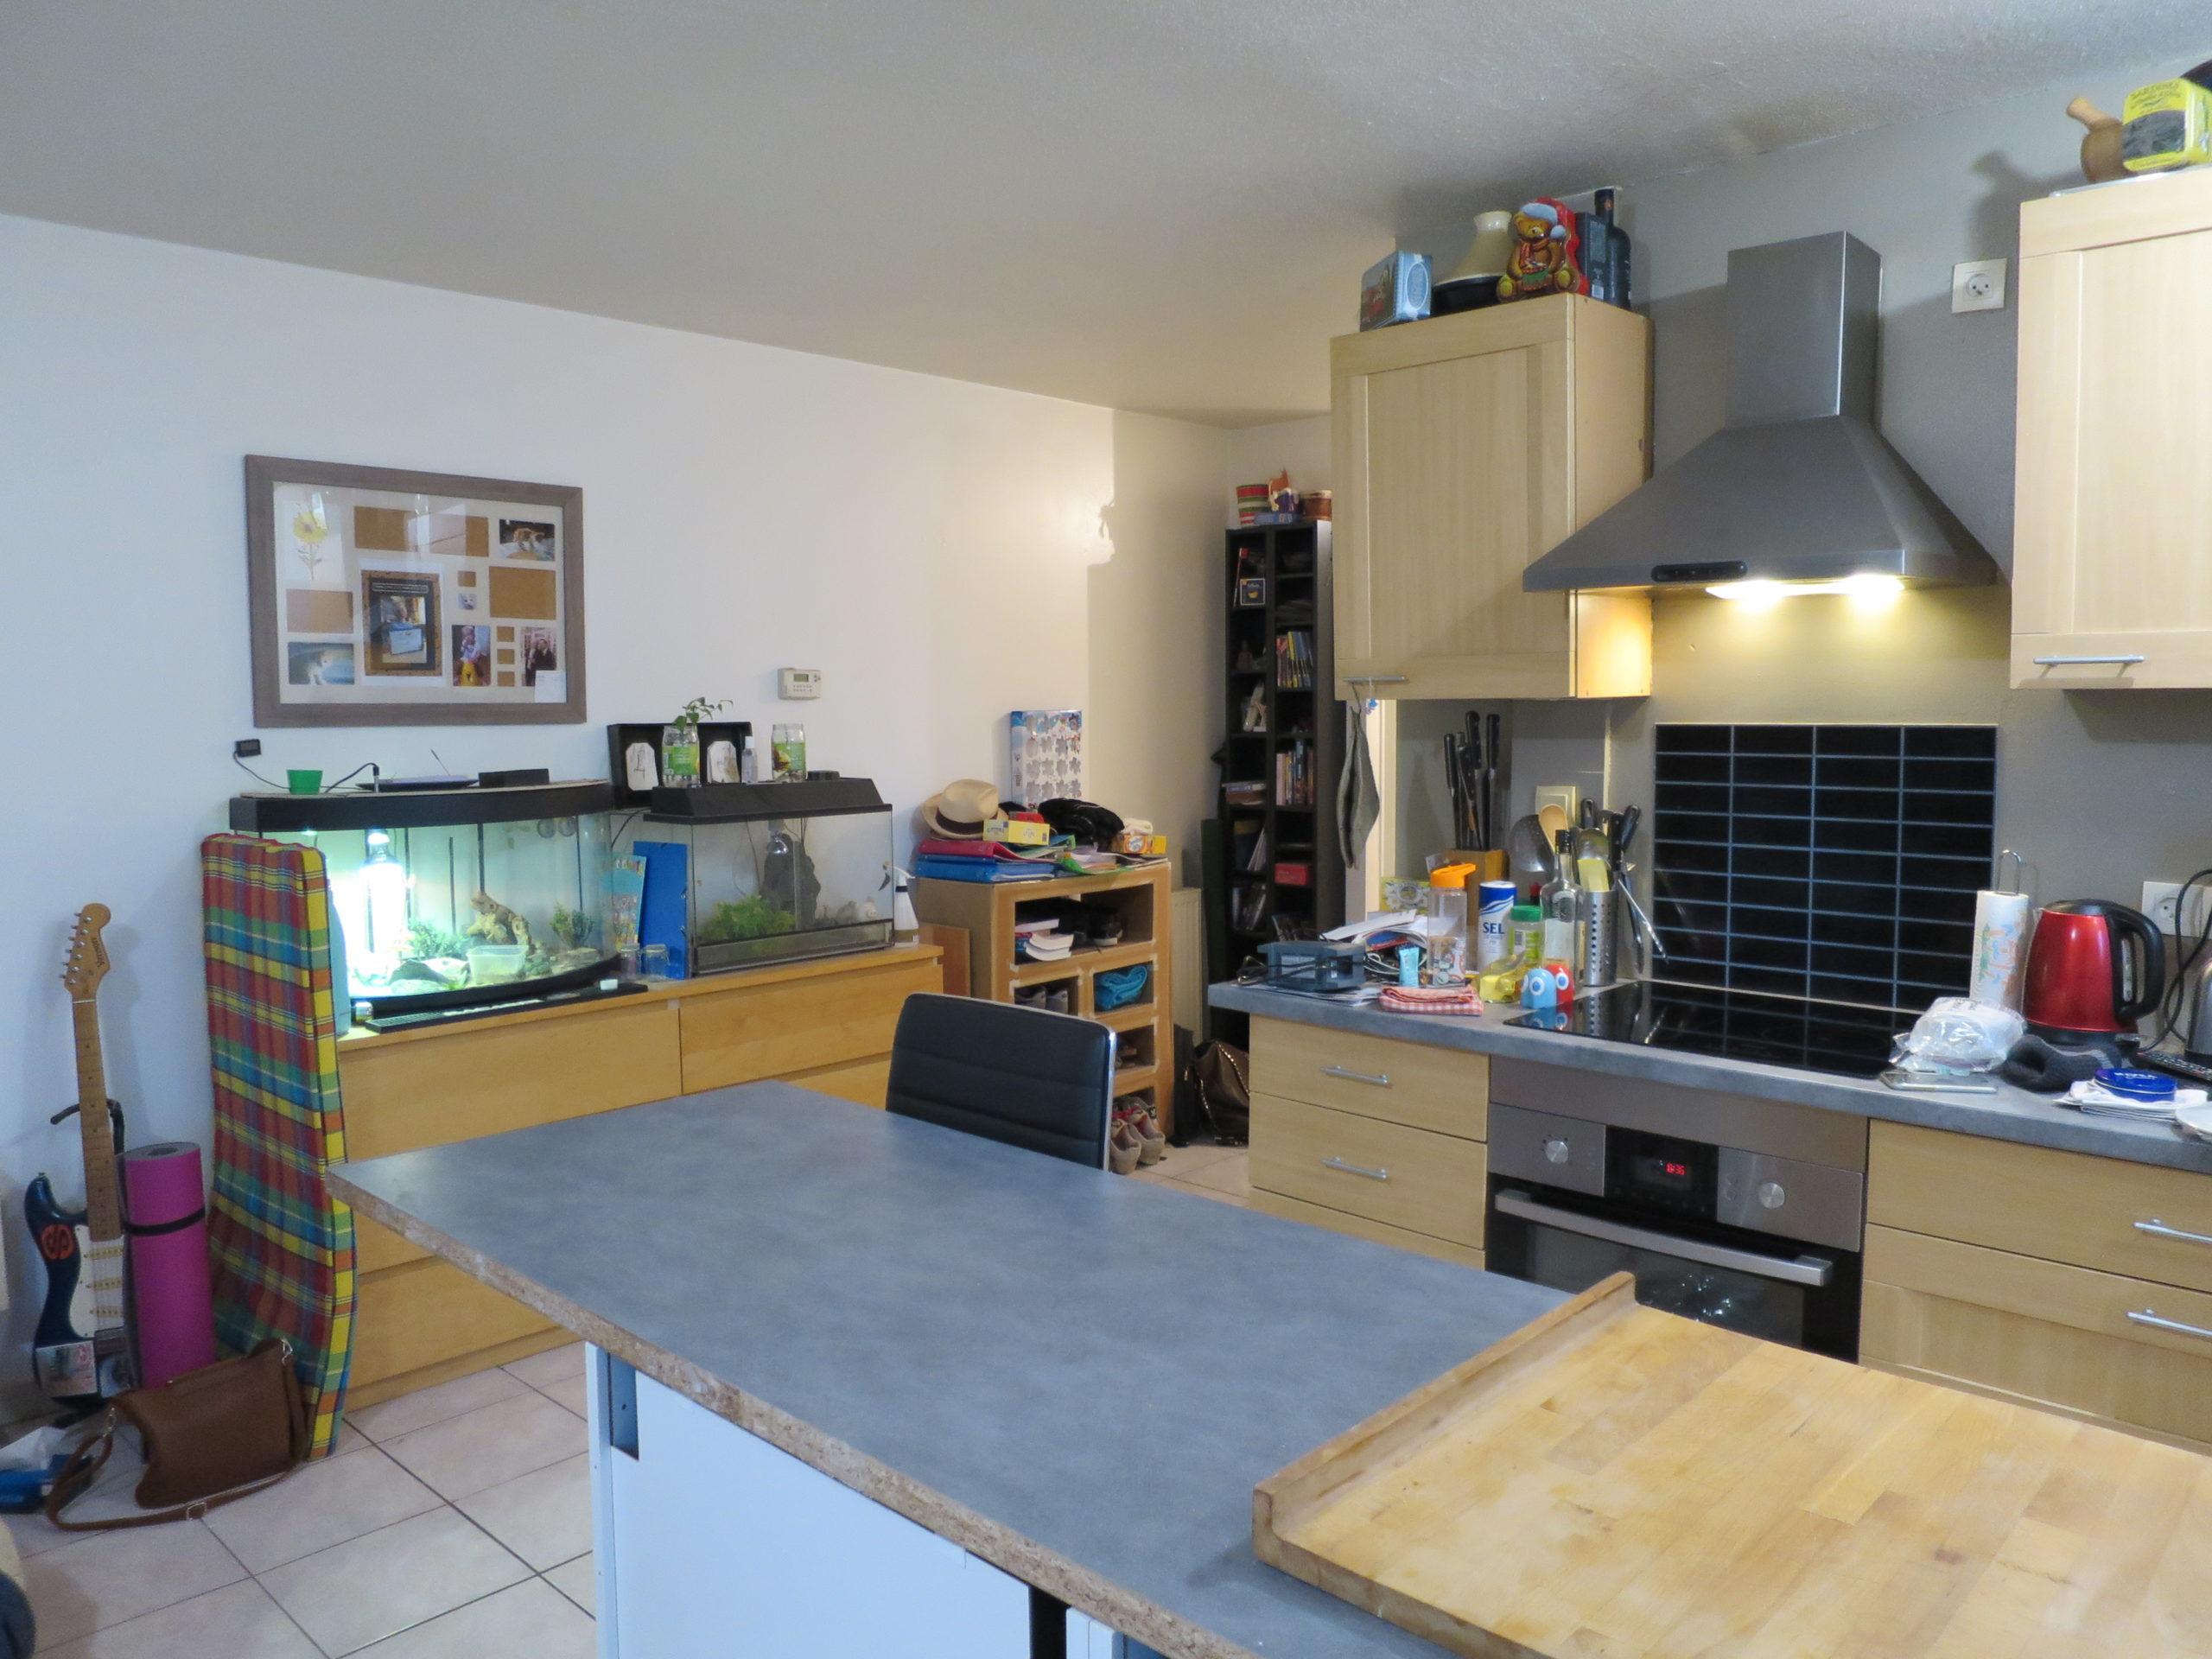 Eckbolsheim investissement locatif Appartement 3 pièces terrasse et garage